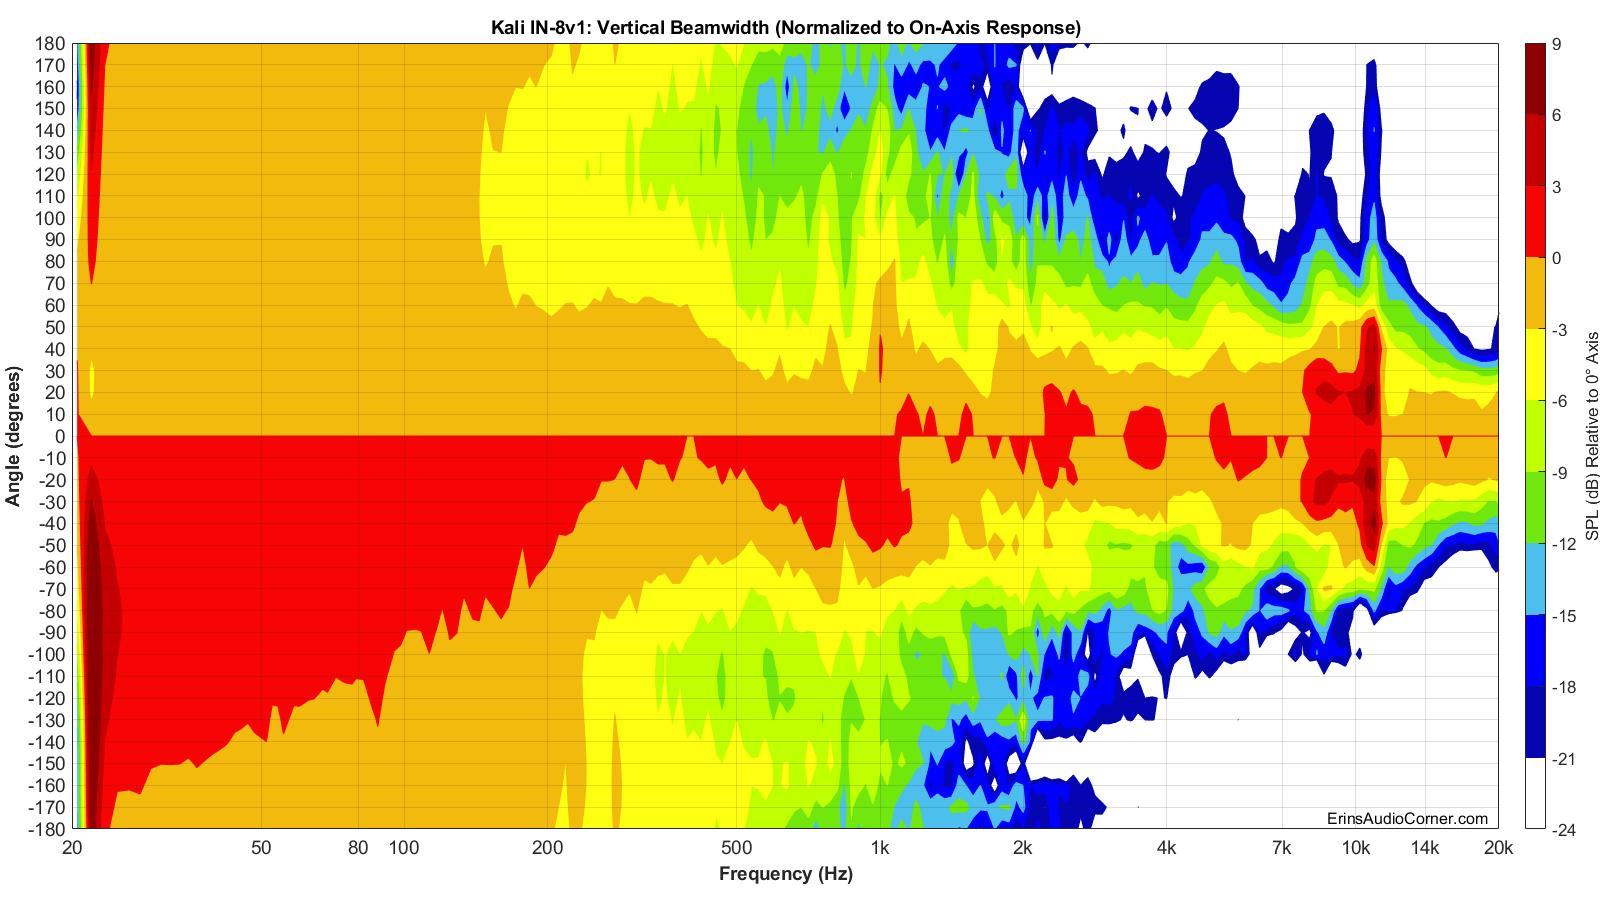 Kali%20IN-8v1%20Beamwidth_Vertical.png